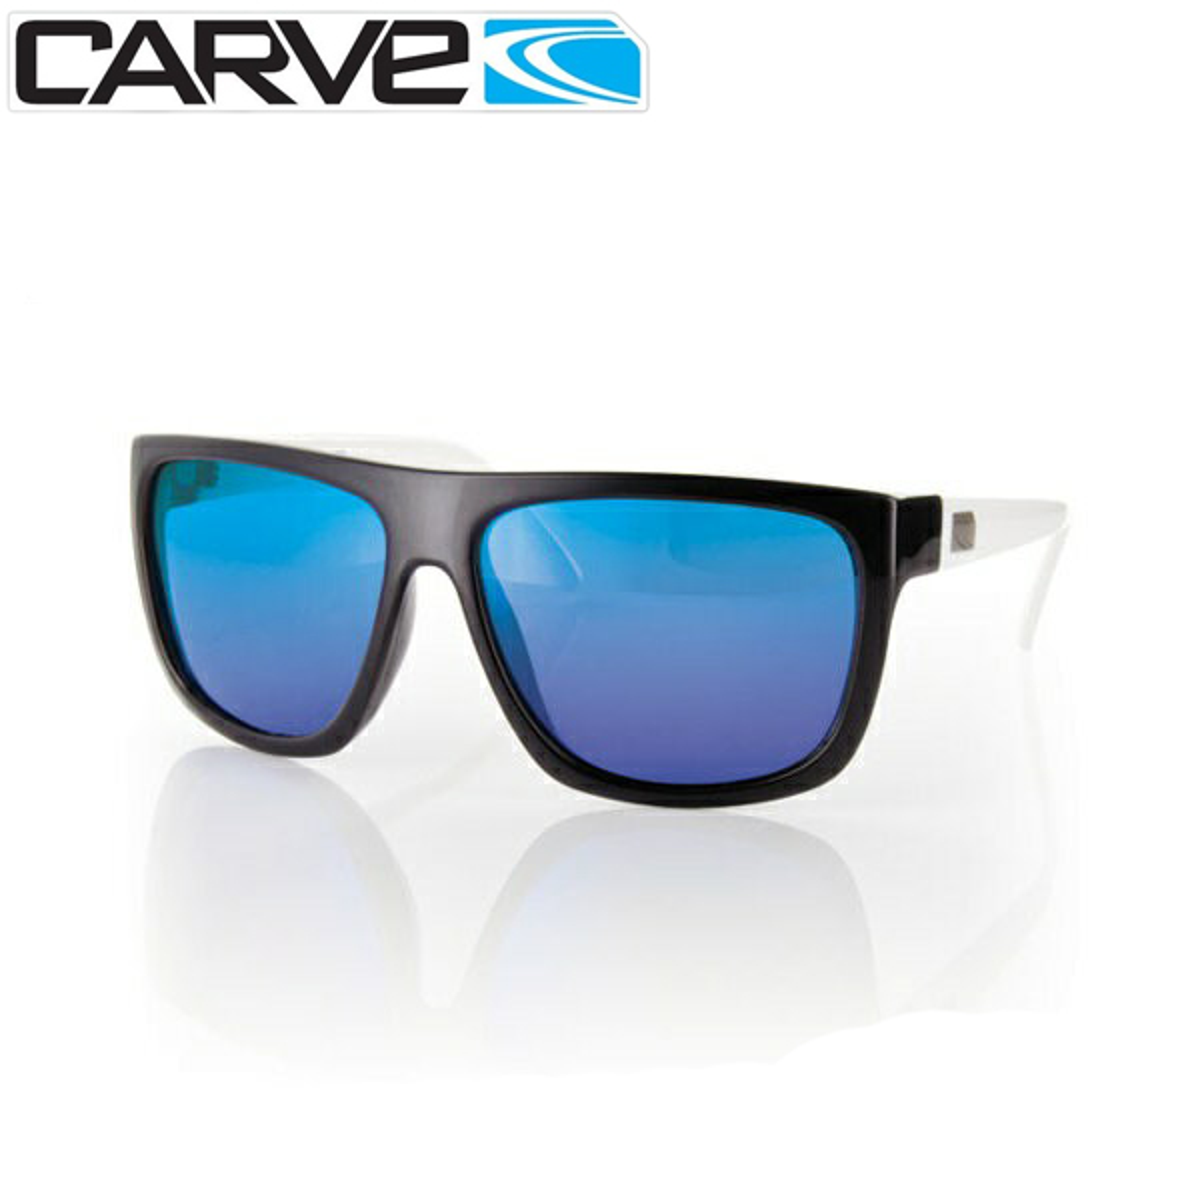 ブルズサーフ サングラス 偏光 メンズ CARVE SANCHEZ POLA Revo 品質検査済 高品質新品 ミラーレンズ BK WHT 偏光レンズ